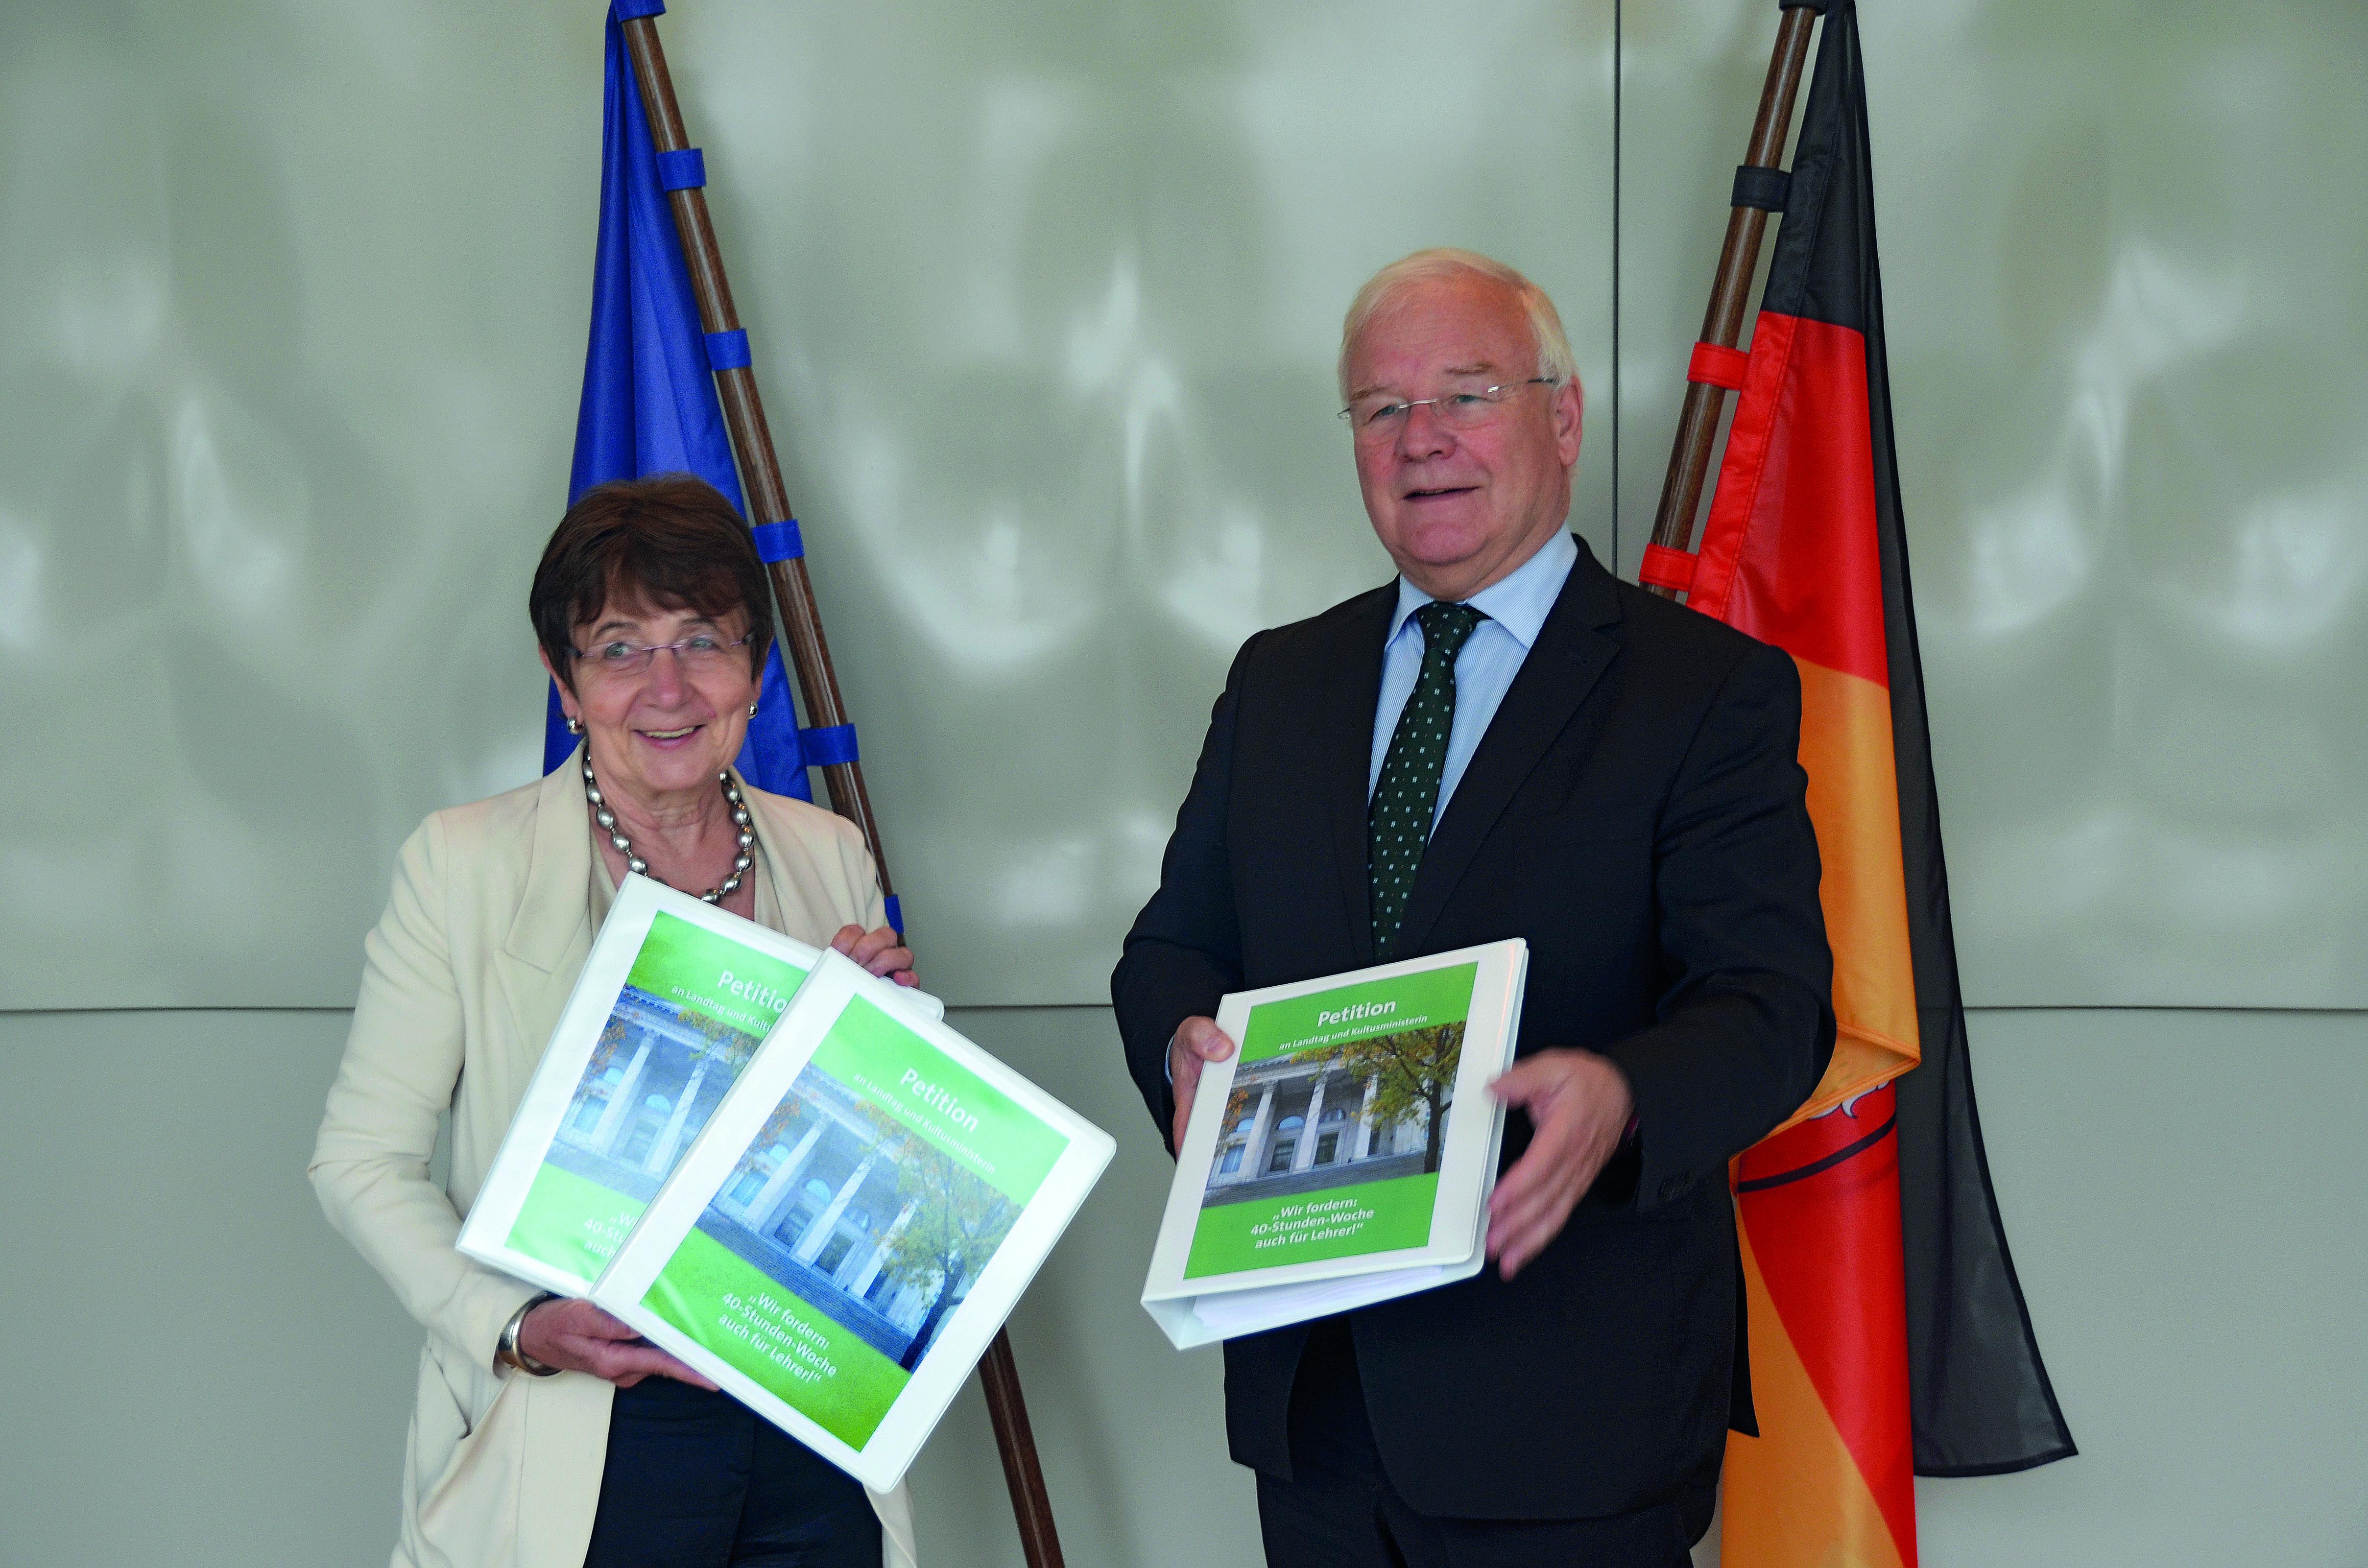 Helga Olejnik überreicht Landtagspräsident Bernd Busemann die Petition